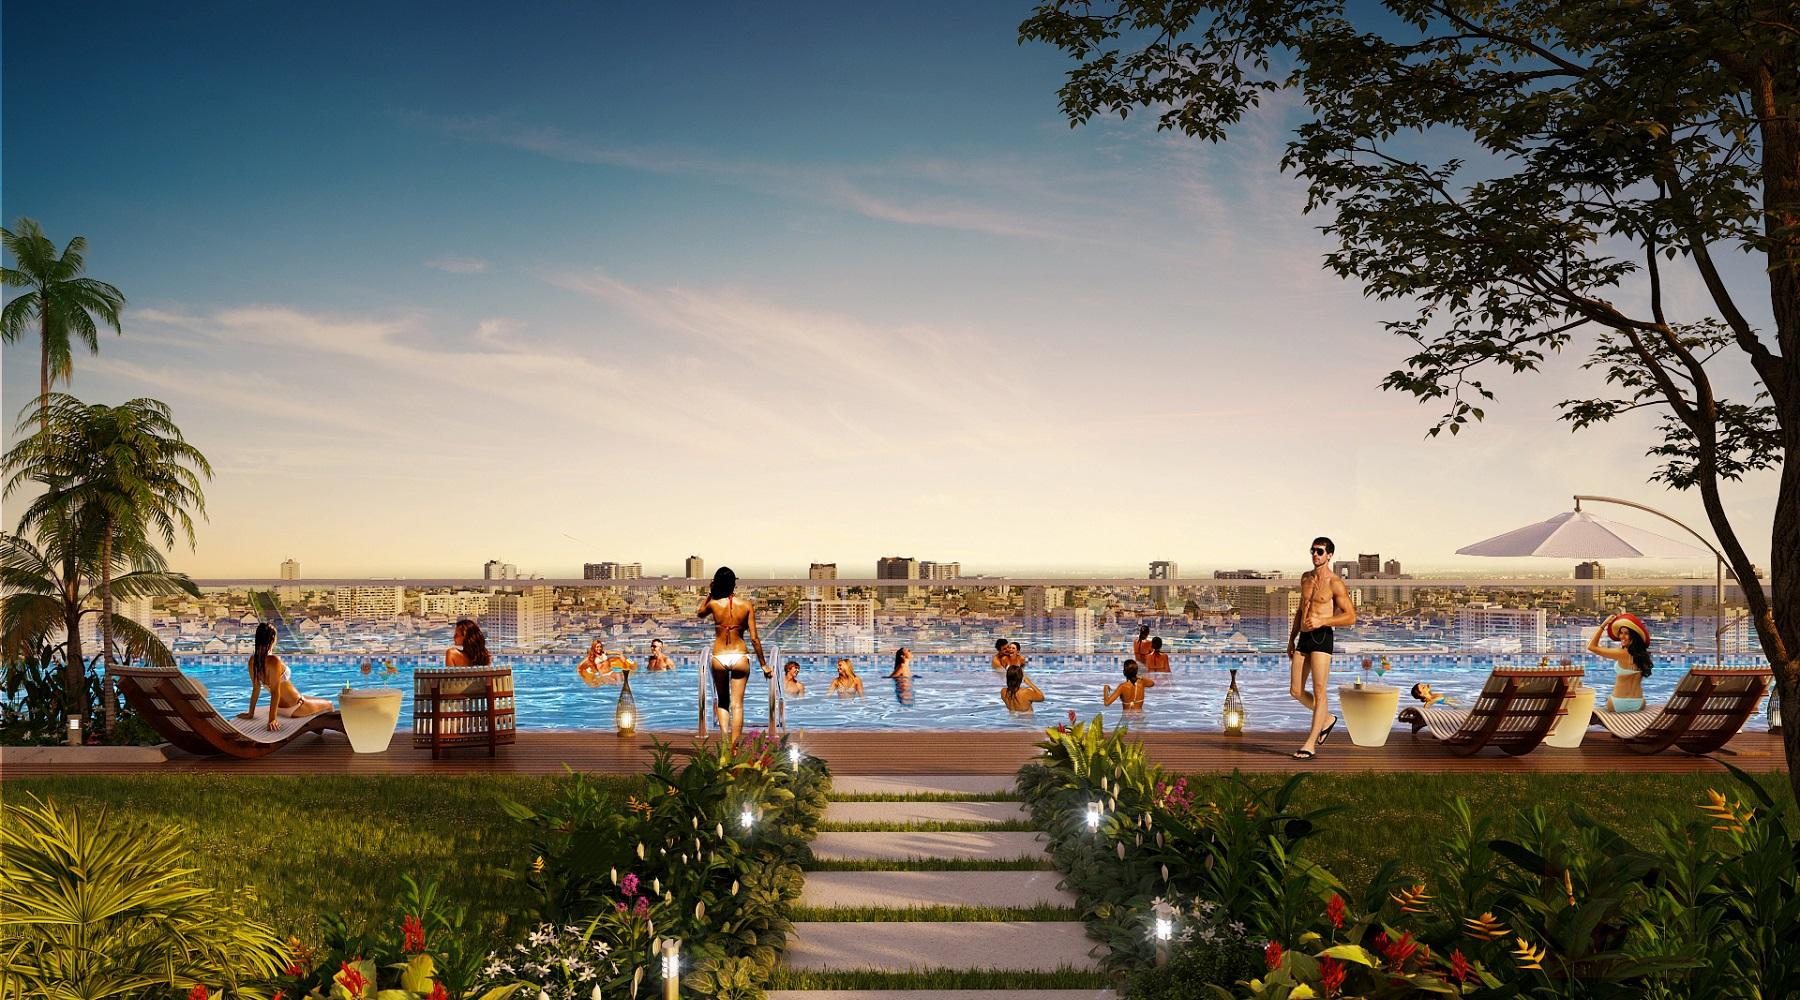 Lần đầu tiên có Hồ bơi điện phân Đồng tại dự án cao cấp Quận 6